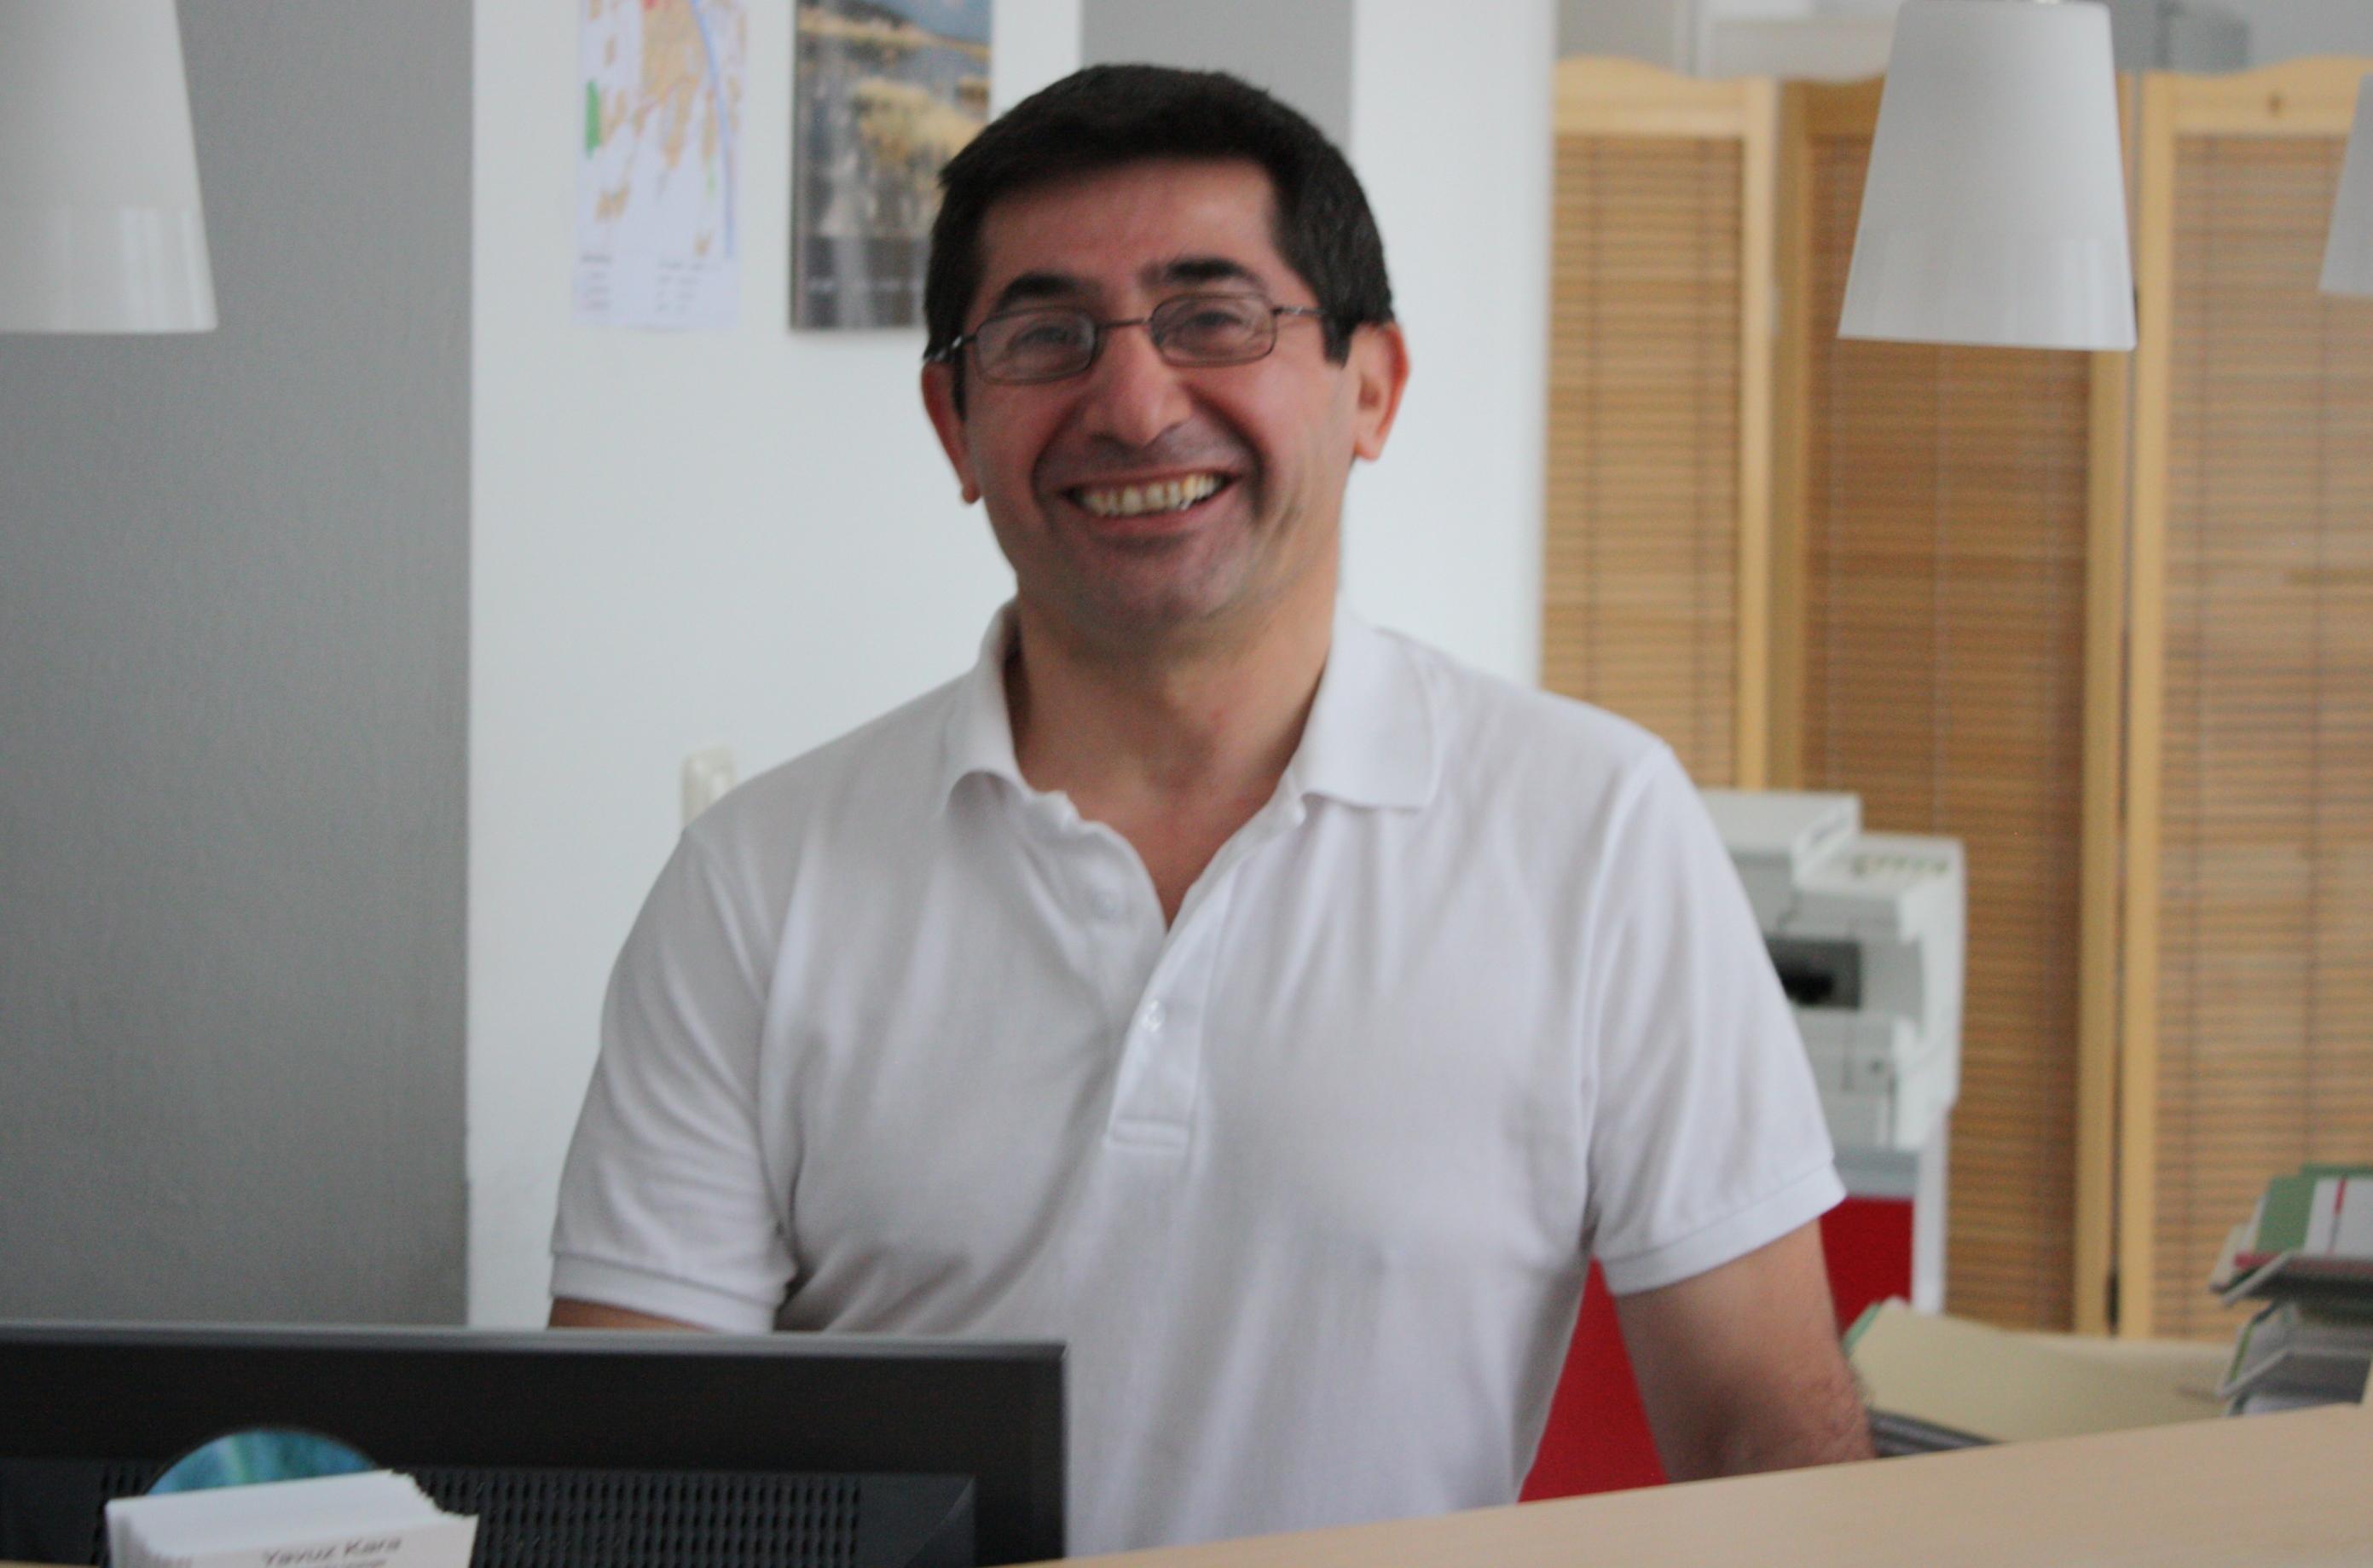 Dr kaya mainz